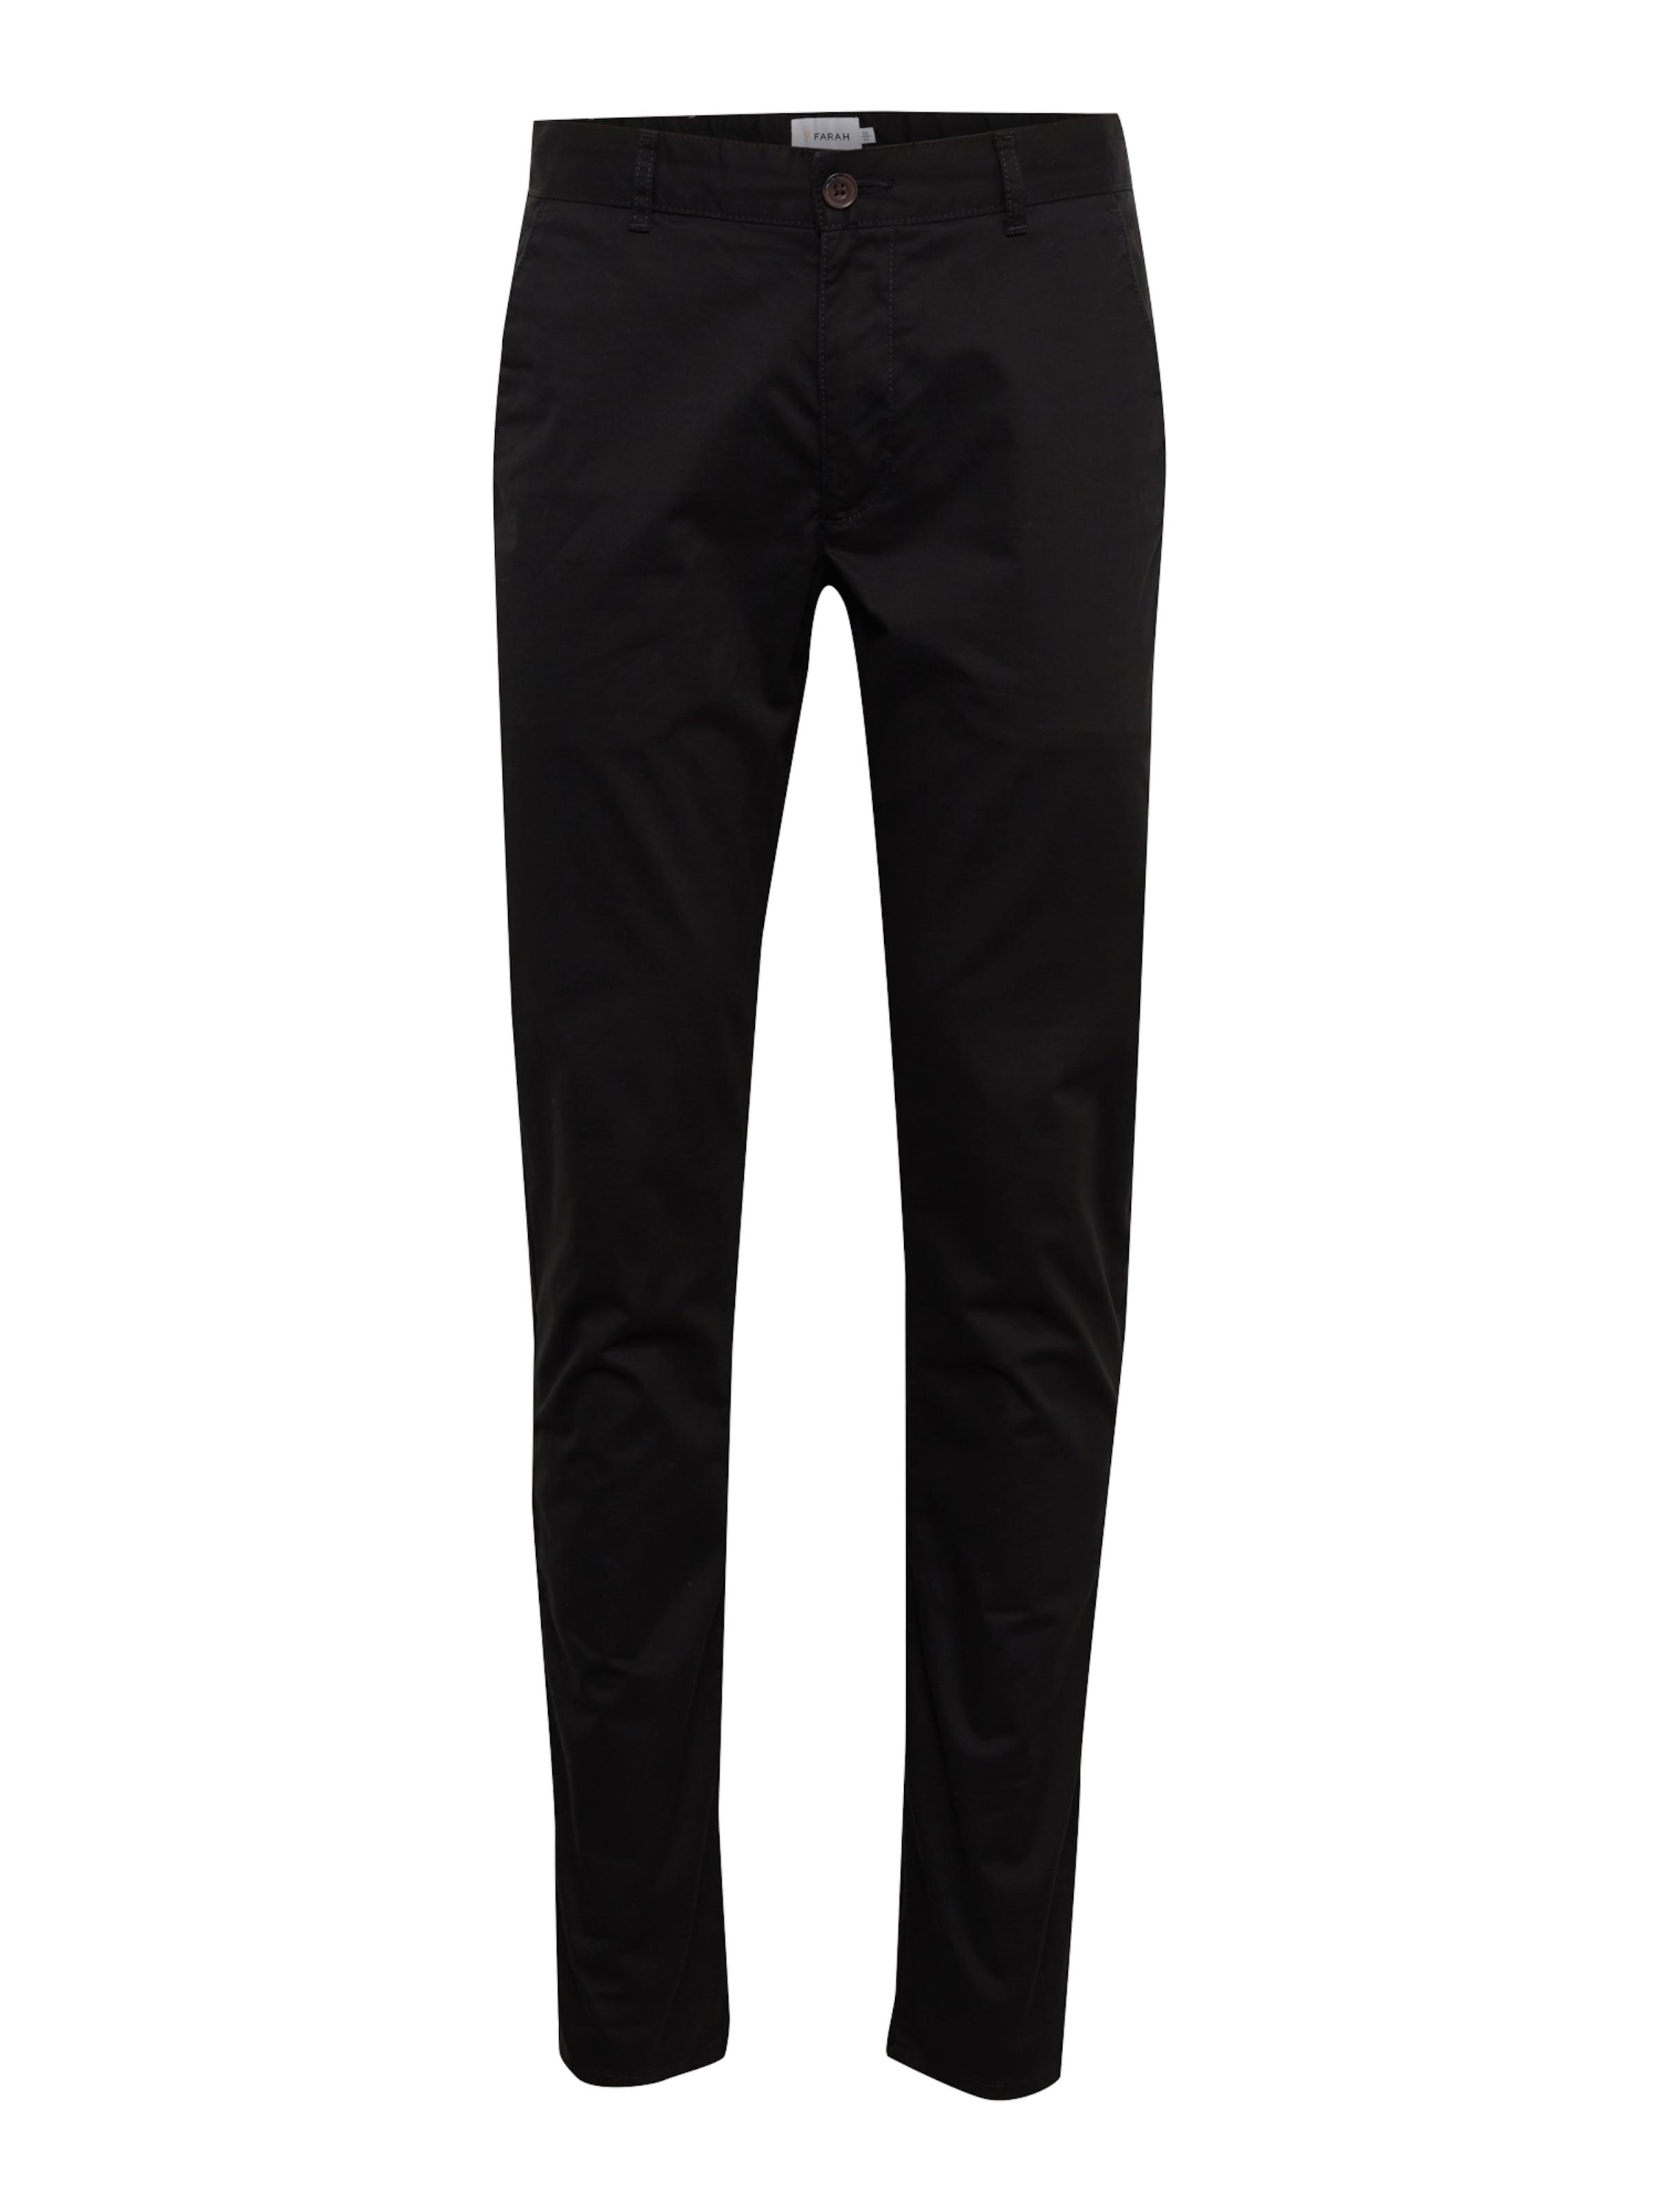 Chino 'elm' En Farah Noir Pantalon doWQBrCxe